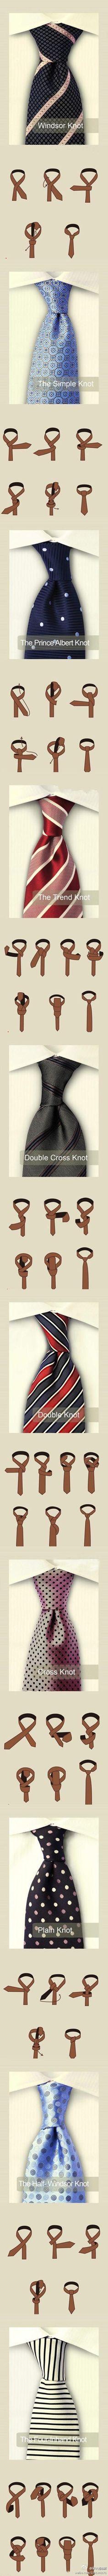 Tie tying